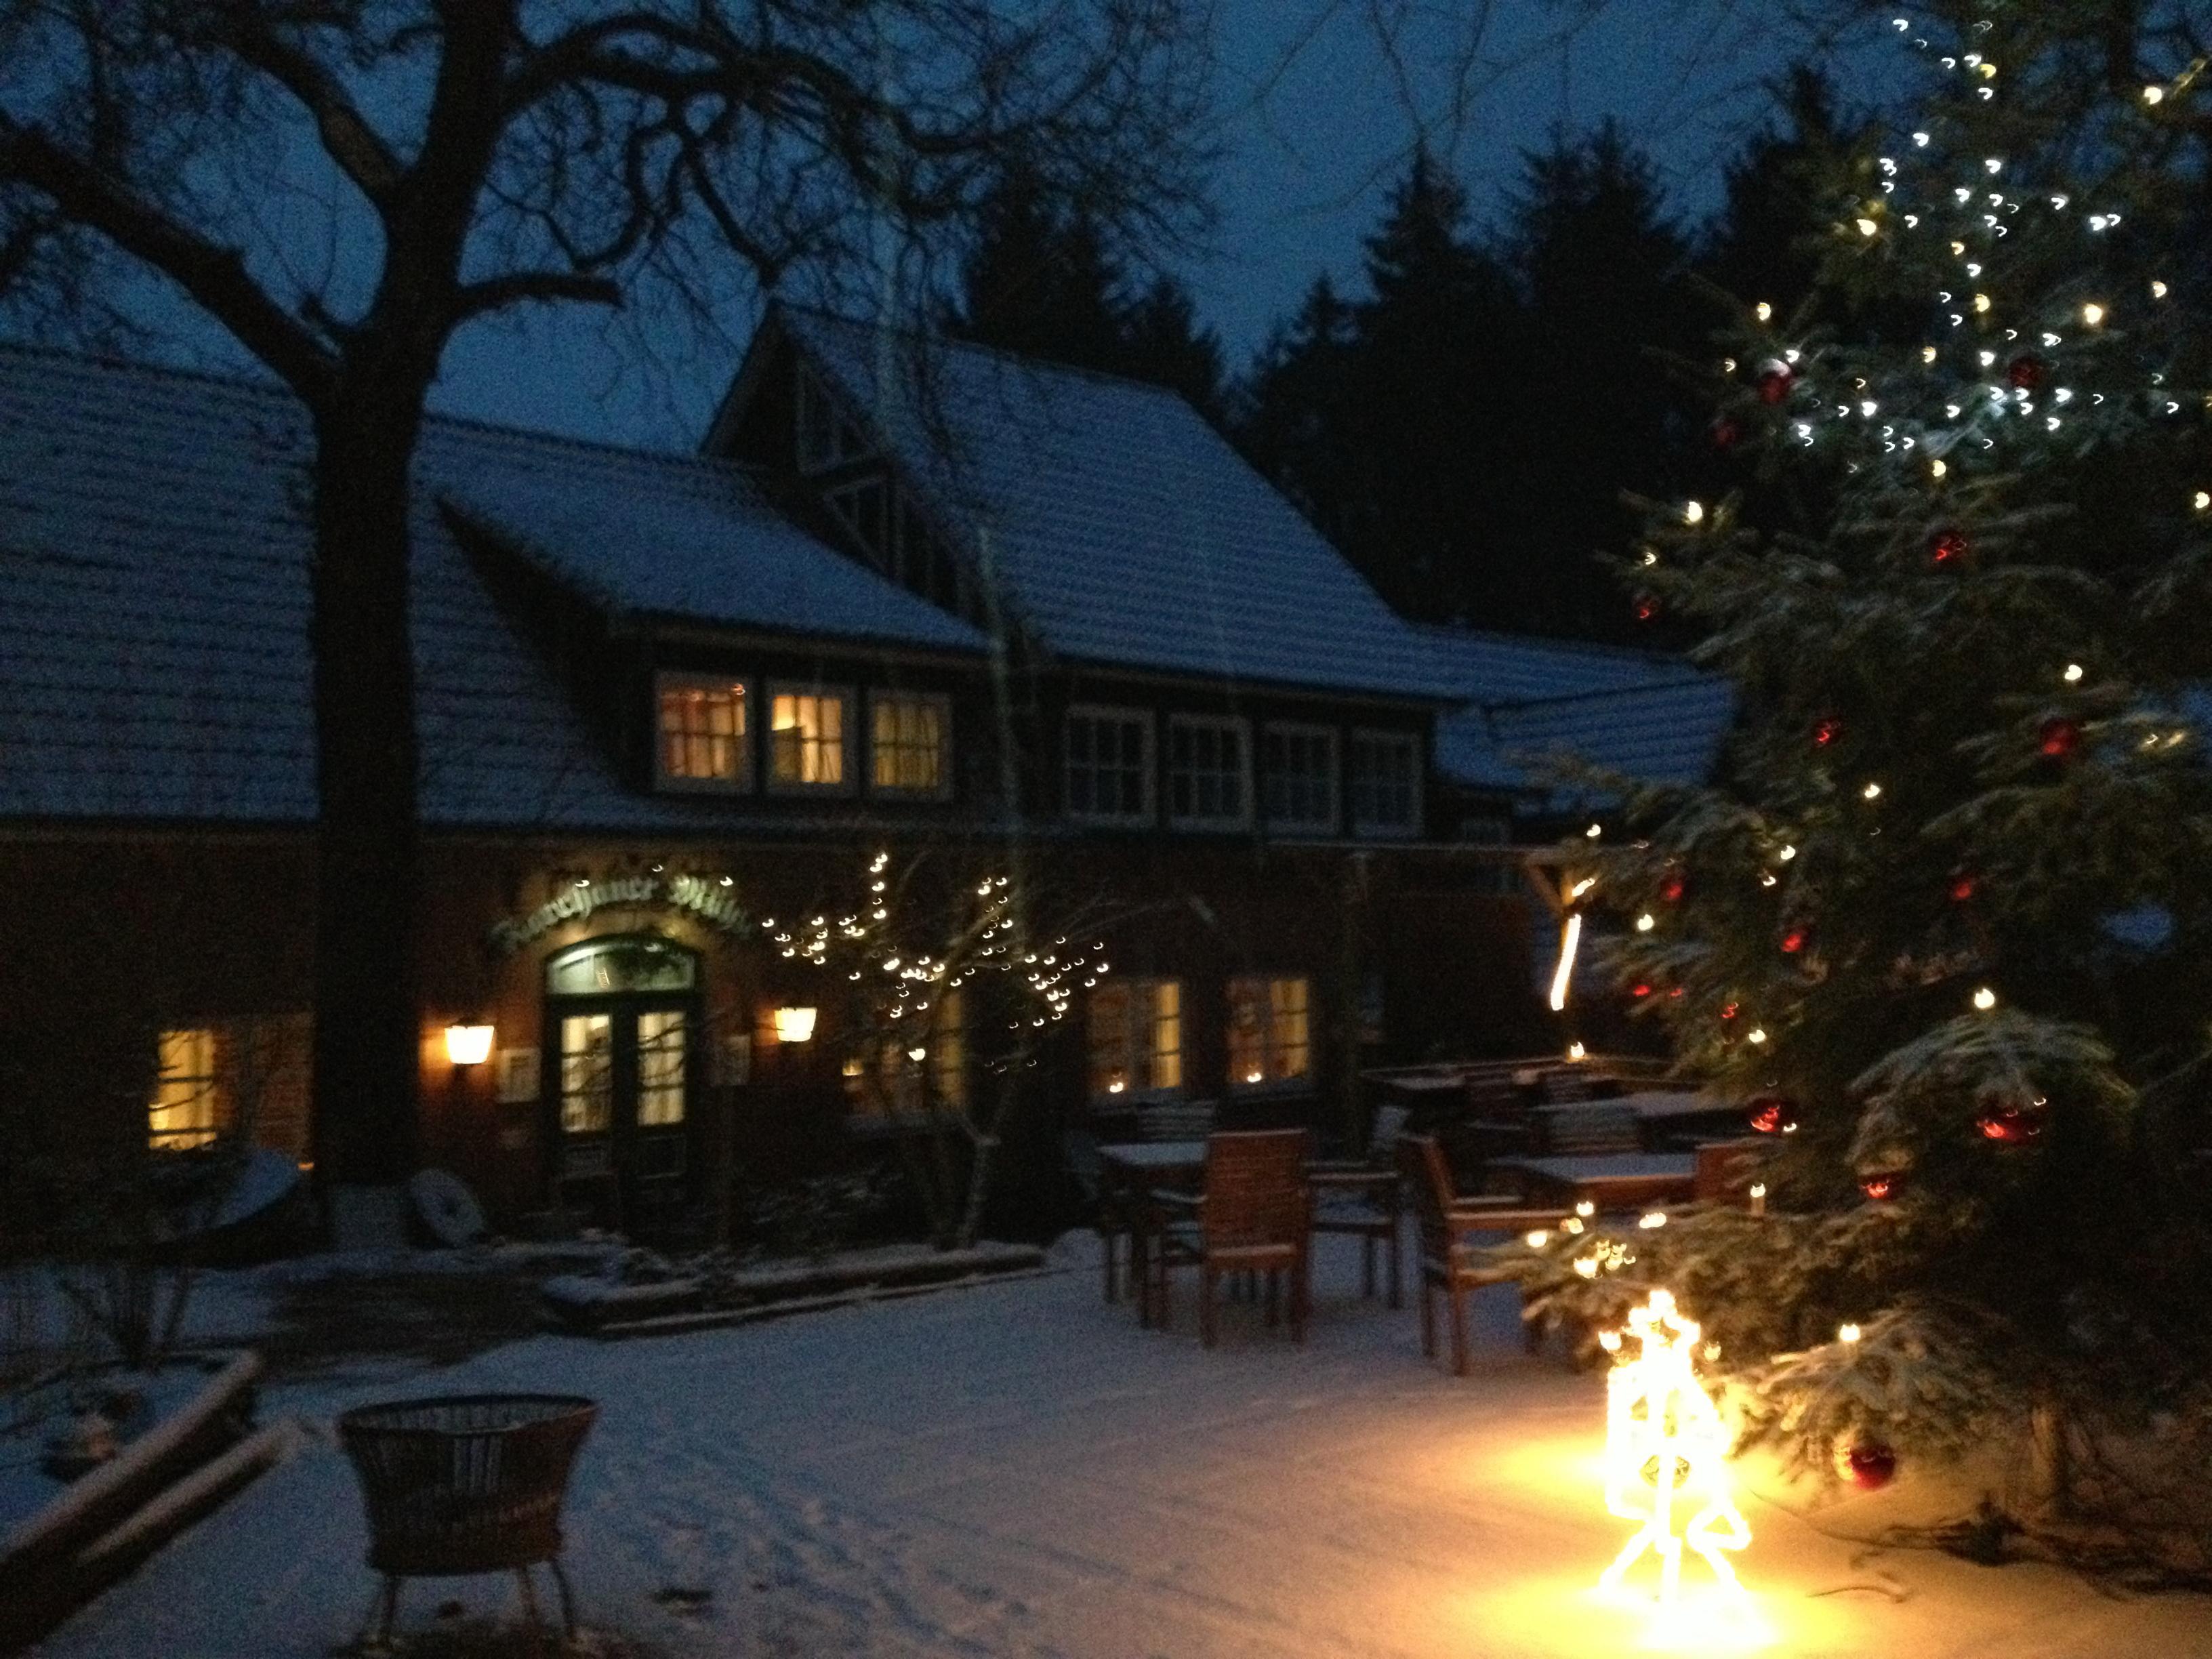 Weihnachten in Farchau